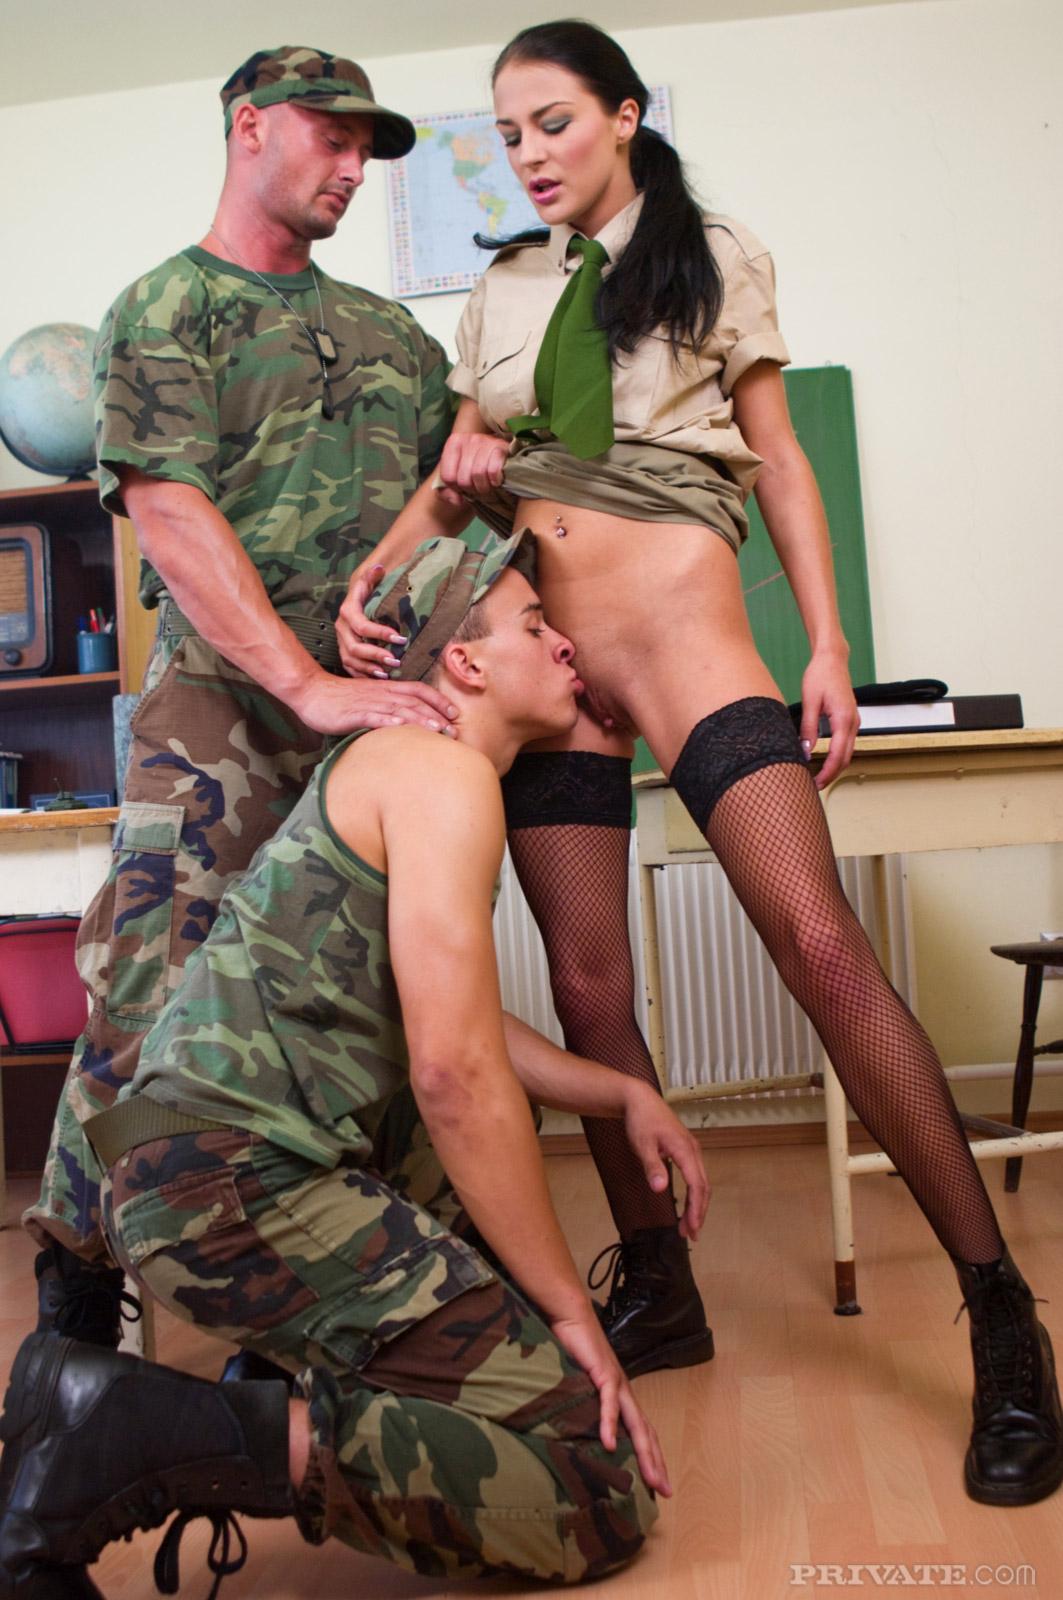 порно фото и эротека с солдатами в армии для планшета